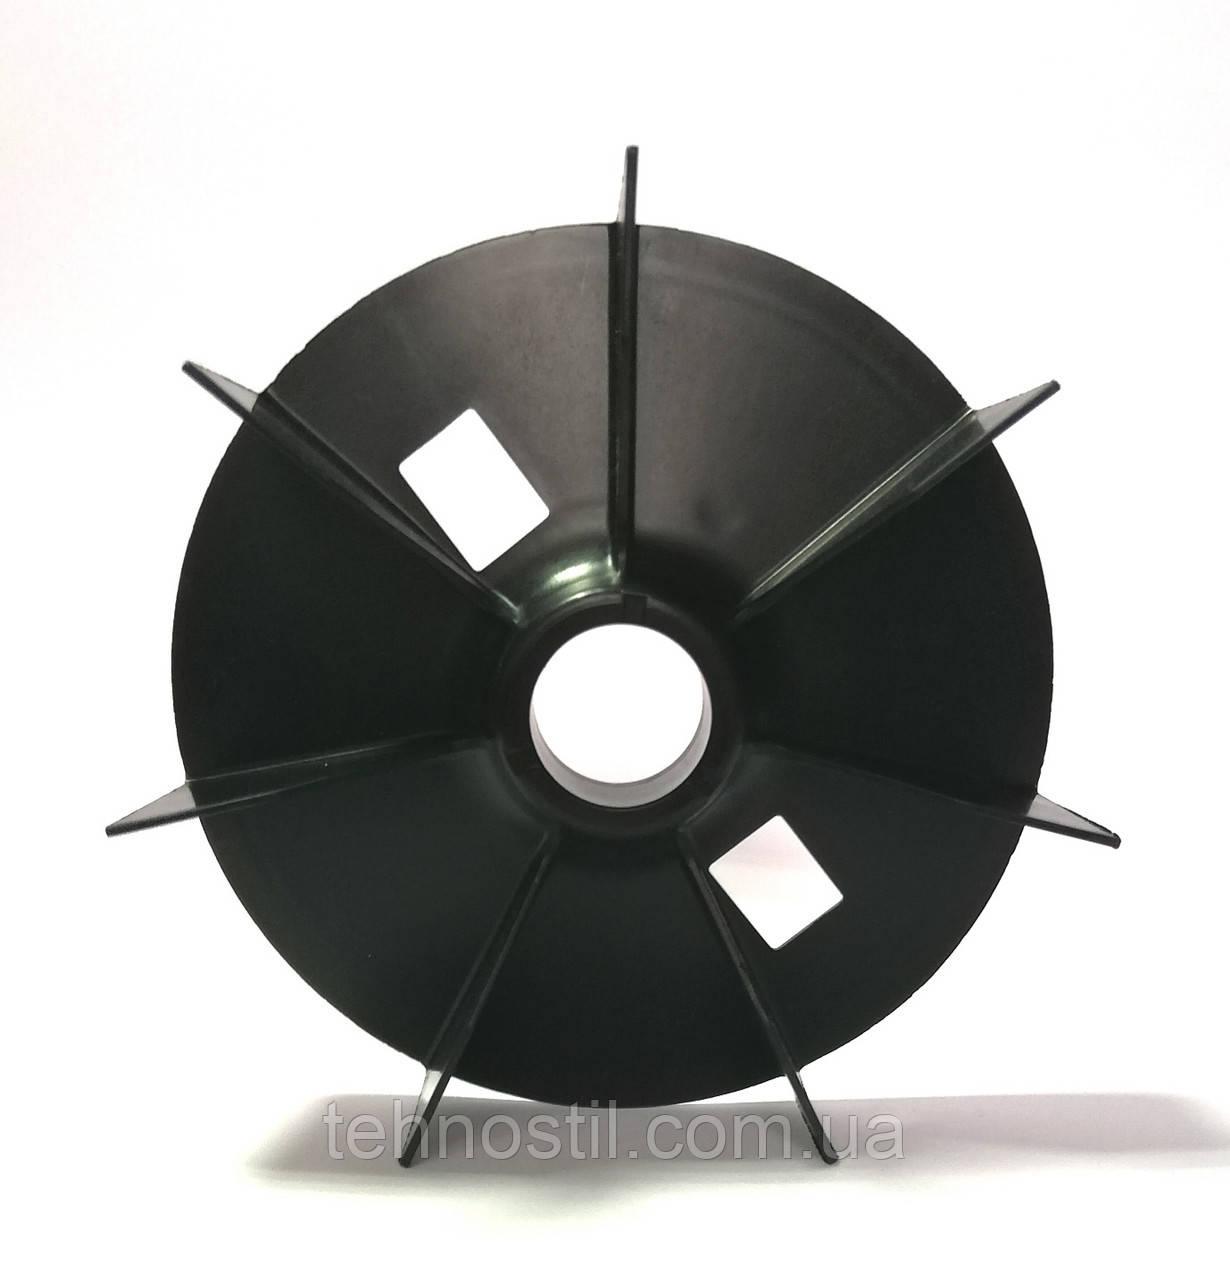 Вентилятор охолодження двигуна (крильчатка) Pedrollo FAN-100